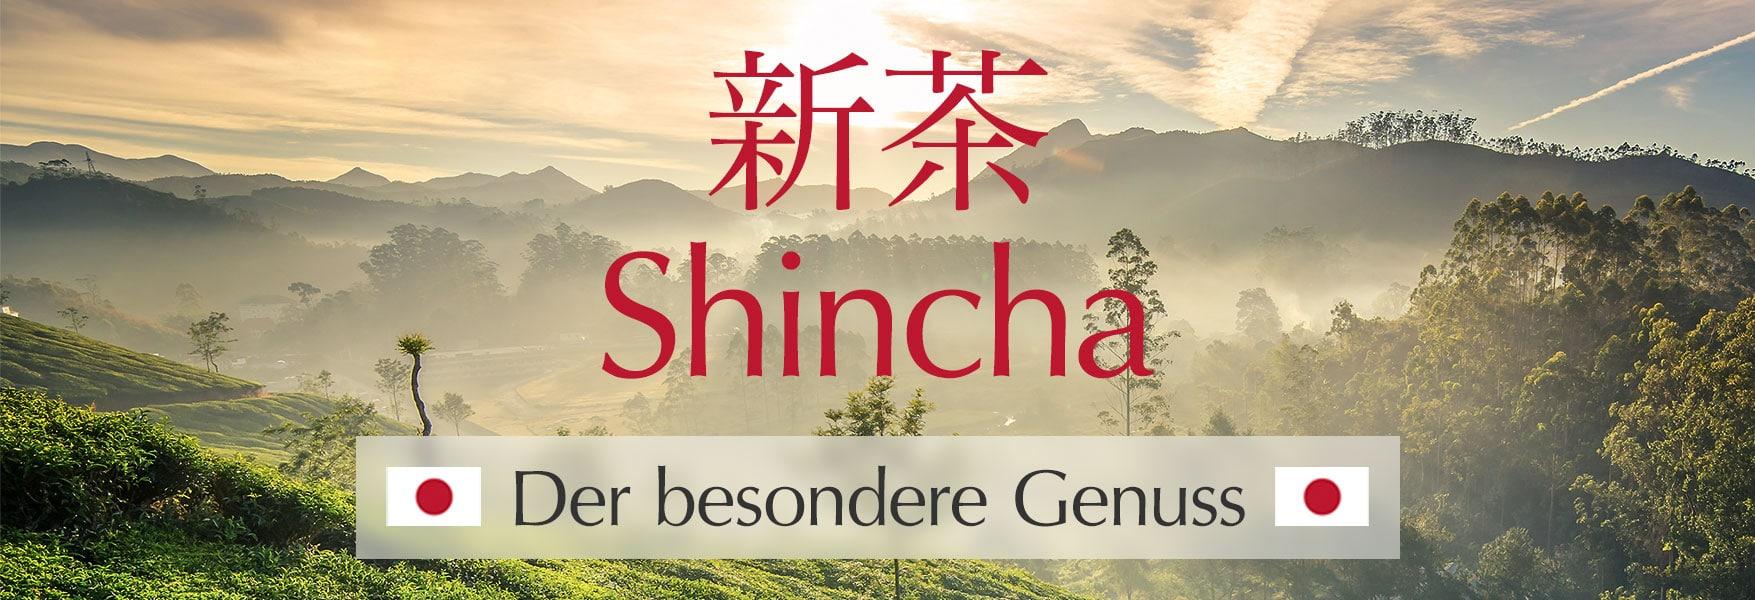 Shincha – Der besondere Genuss